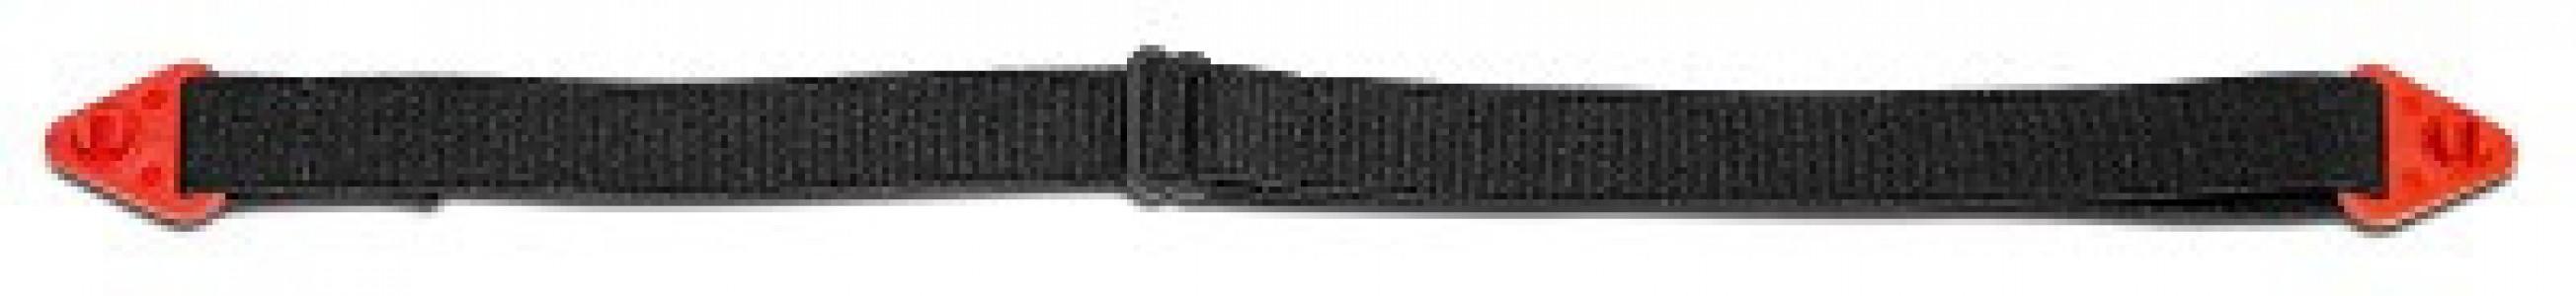 Подбородочный ремень 3M GH7 для касок H-700/H-701